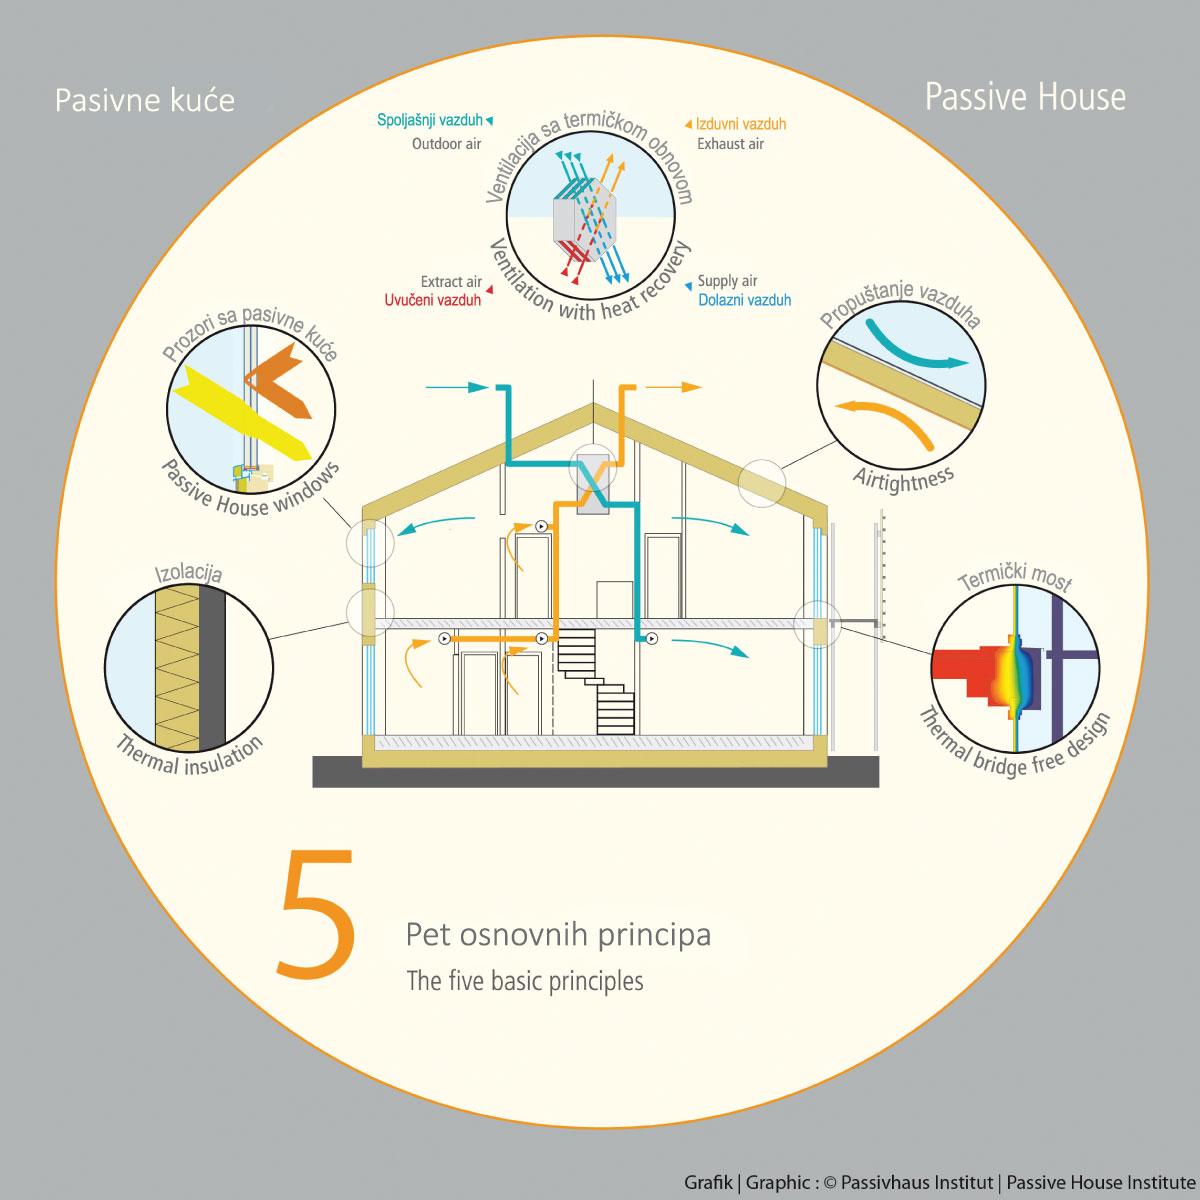 Pasivna gradnja 5 osnovnih principa